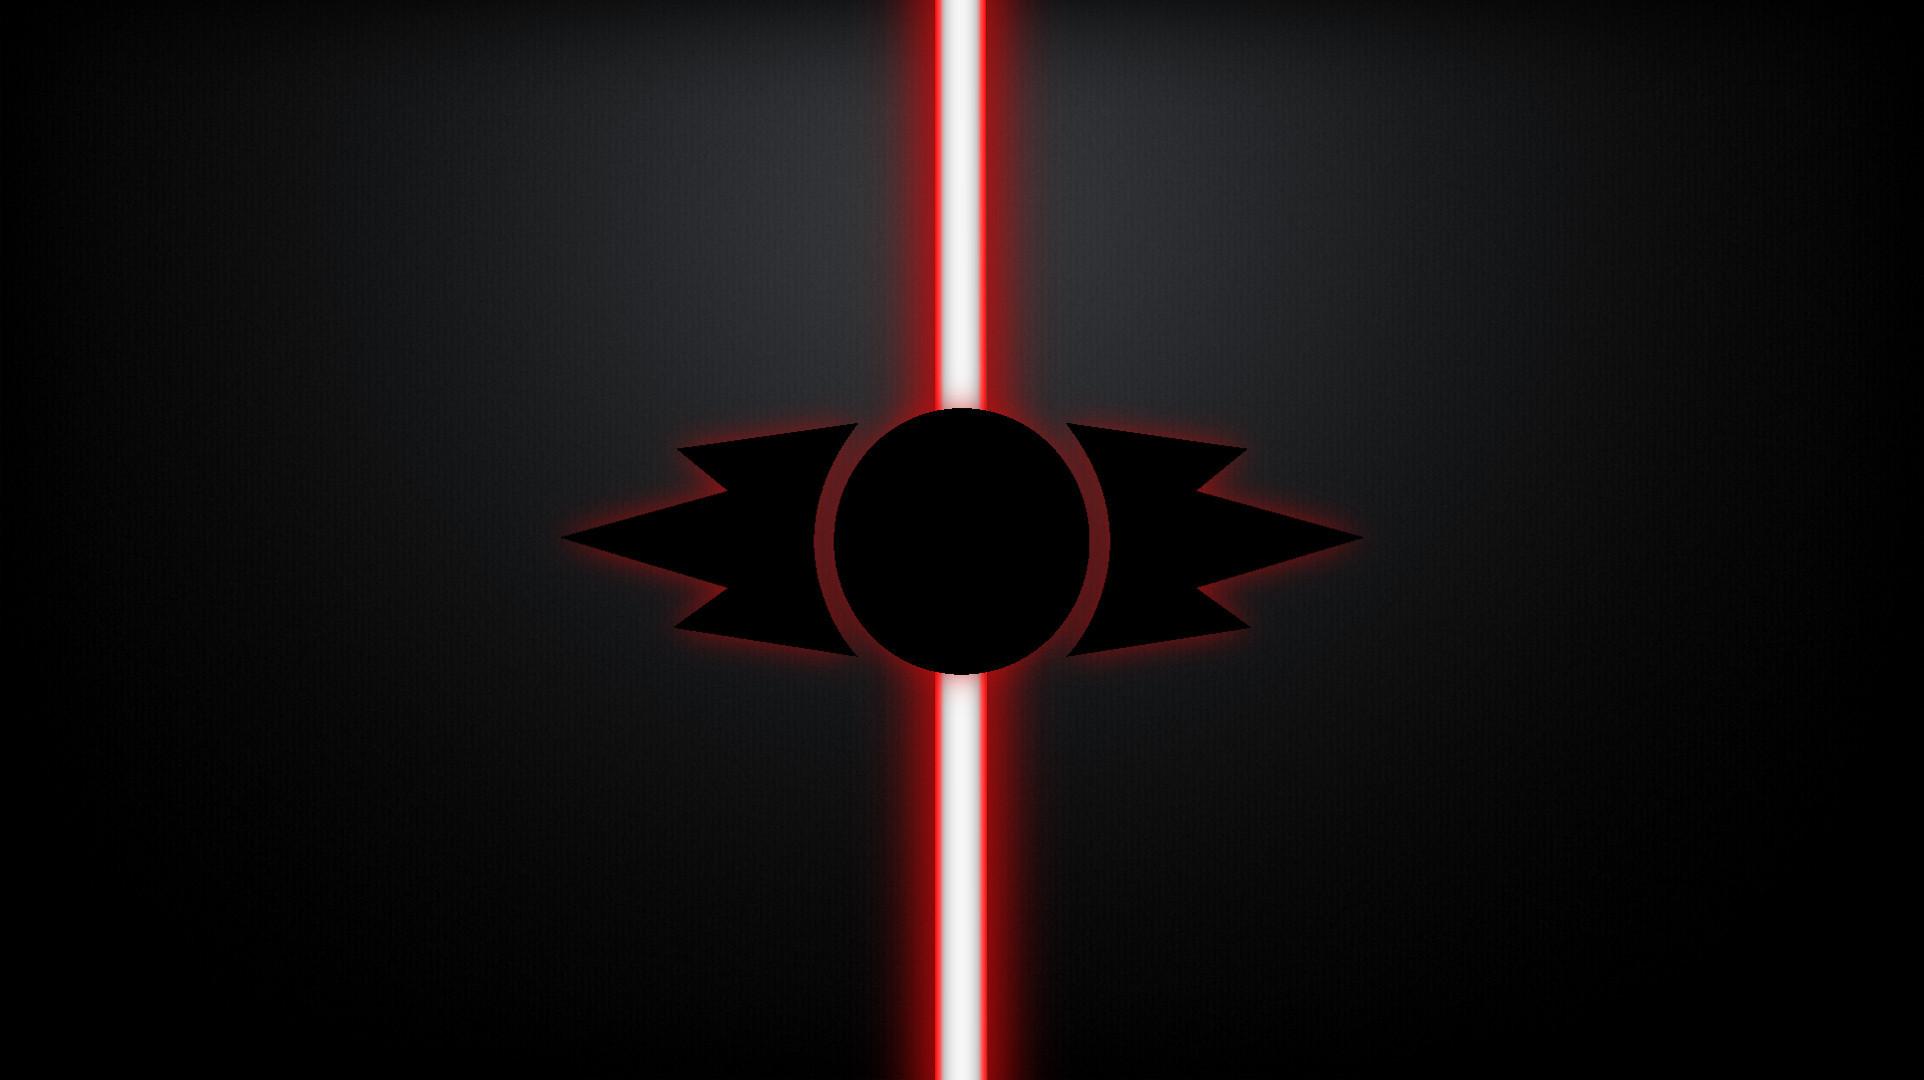 Res: 1924x1080, Sith Emblem Wallpaper